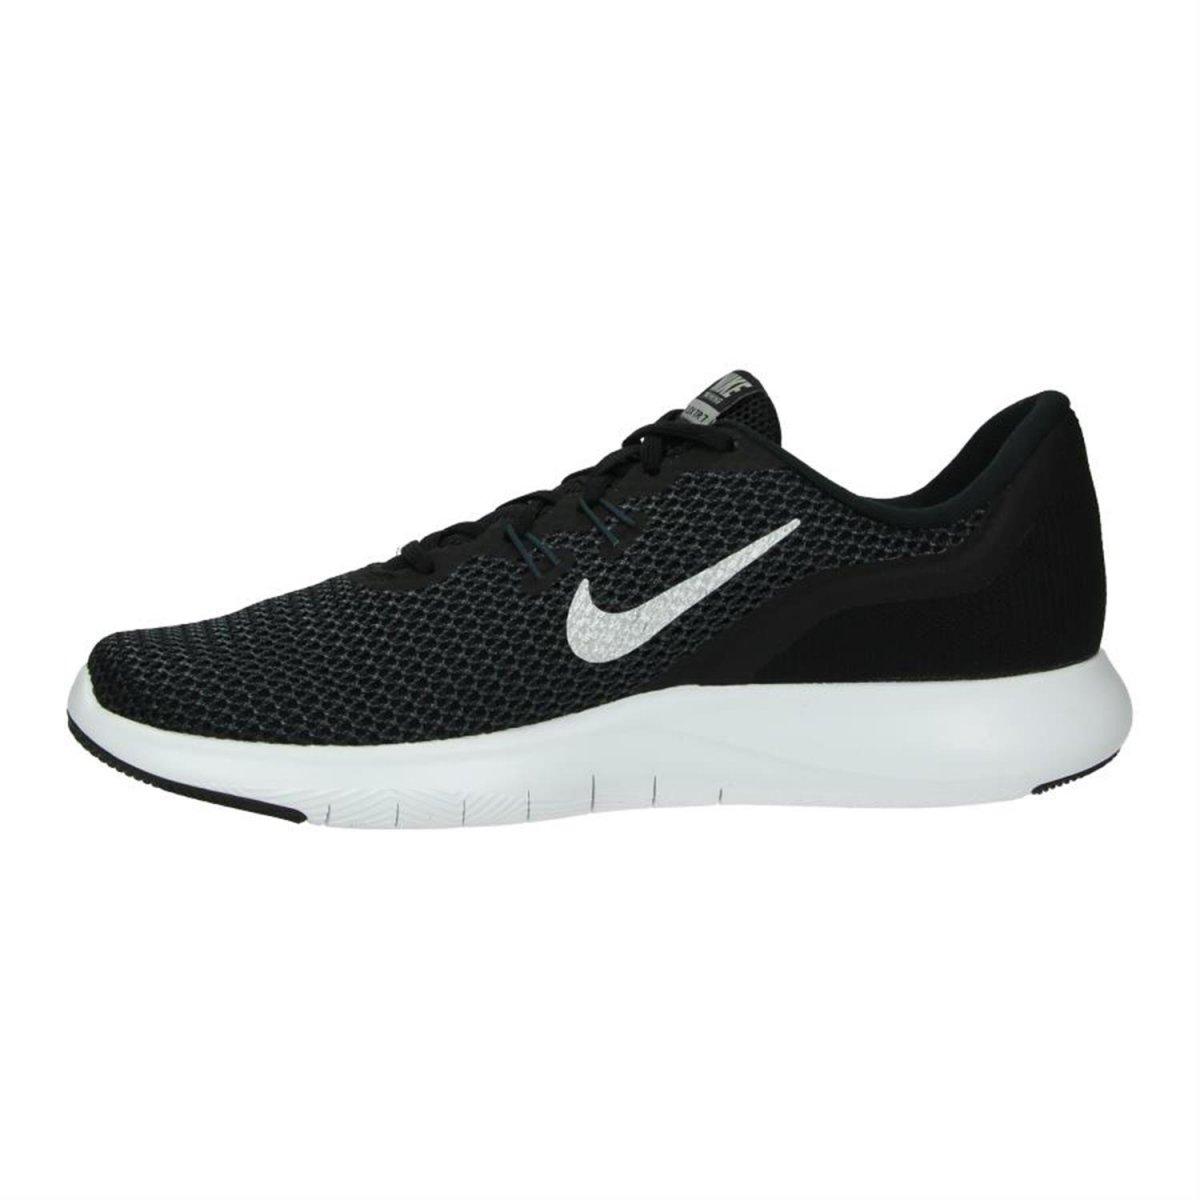 dc902064 Беговые кроссовки Nike Womens Flex TR 7 Training Shoe 898479-001 купить за  4 257 руб в интернет-магазин dealsport.ru